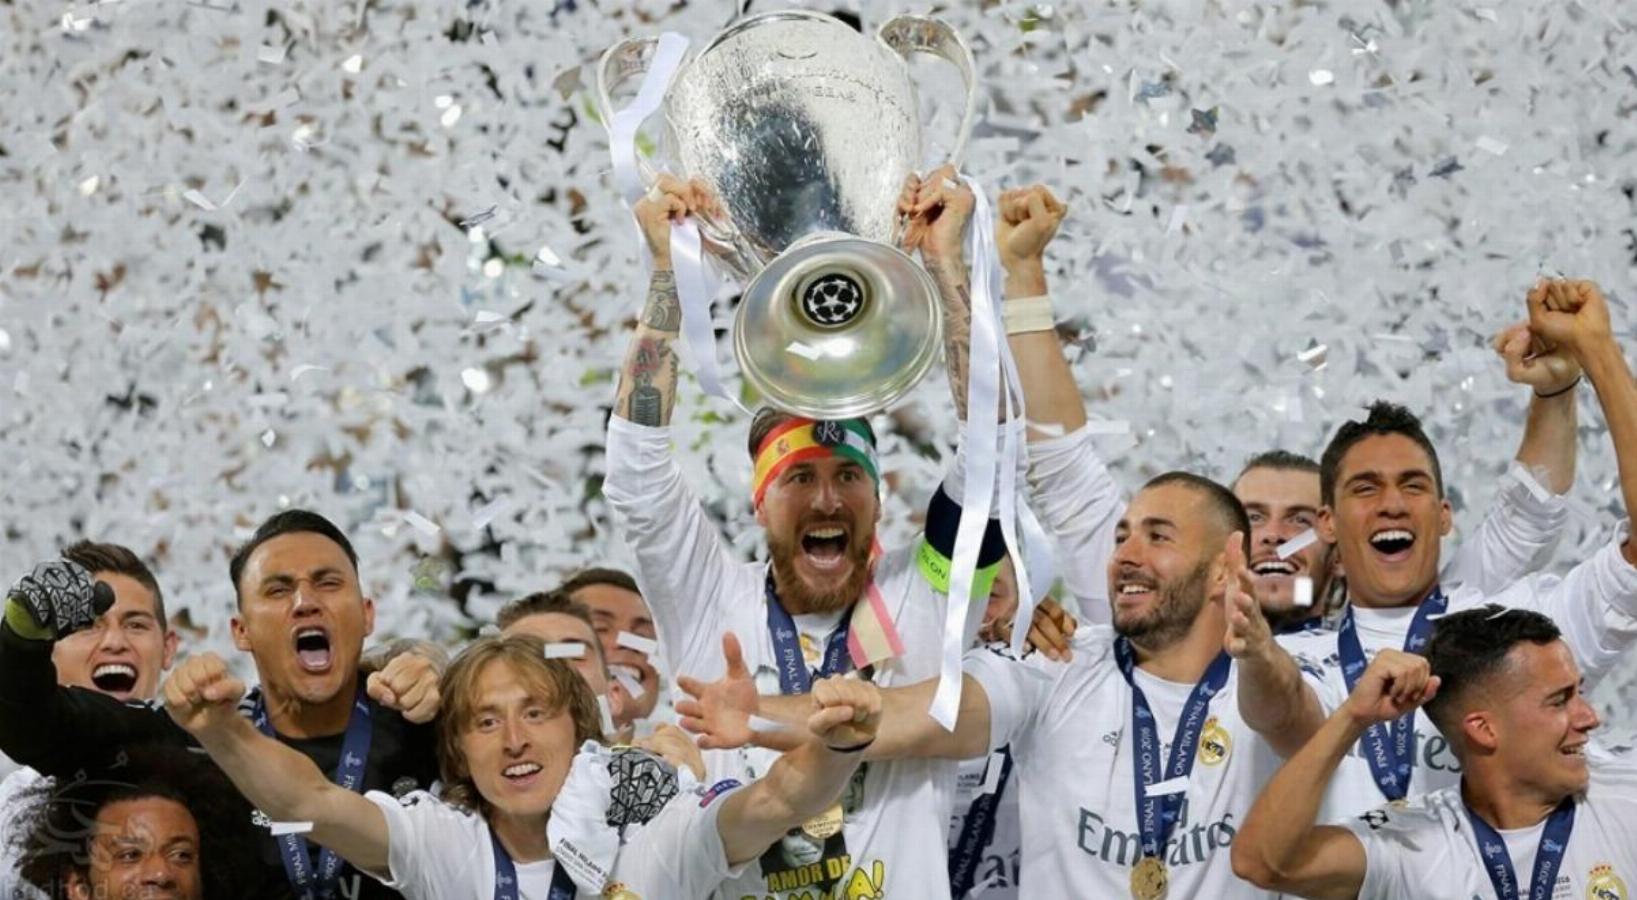 کهکشانی های رئال مادرید برای یازدهمین بار قهرمان اروپا شدند